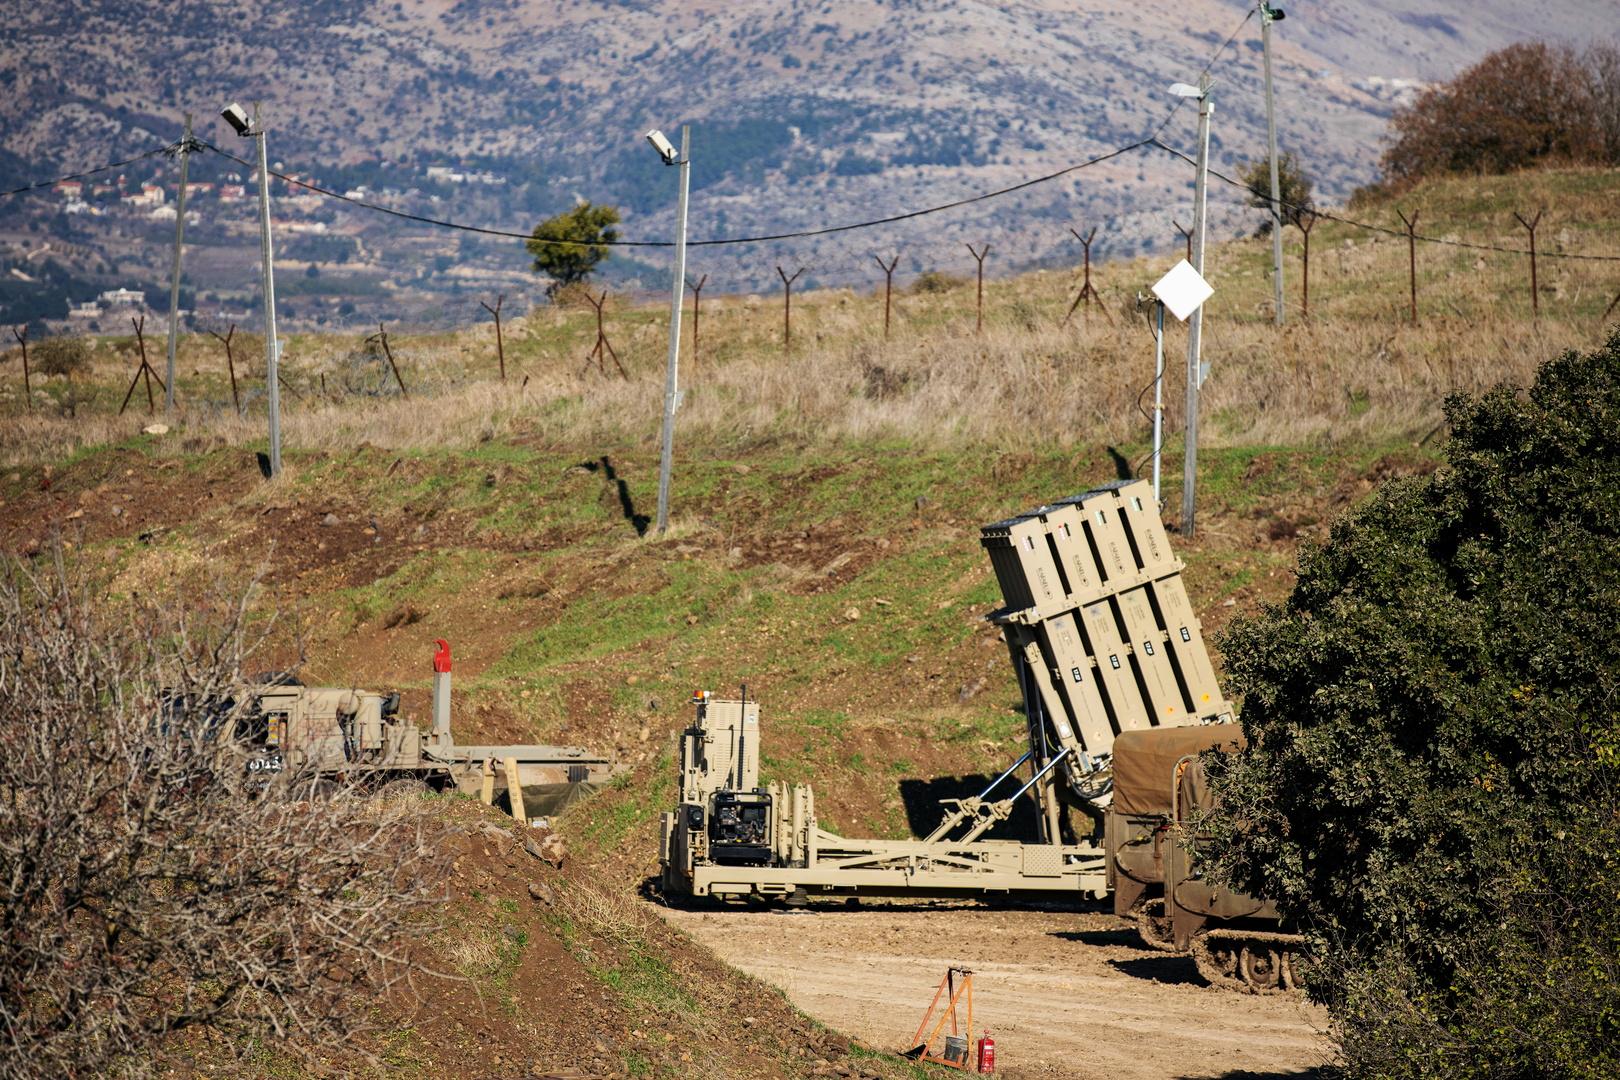 الجيش الإسرائيلي يقرر نشر بطاريات القبة الحديدية في جميع أنحاء إسرائيل قبيل